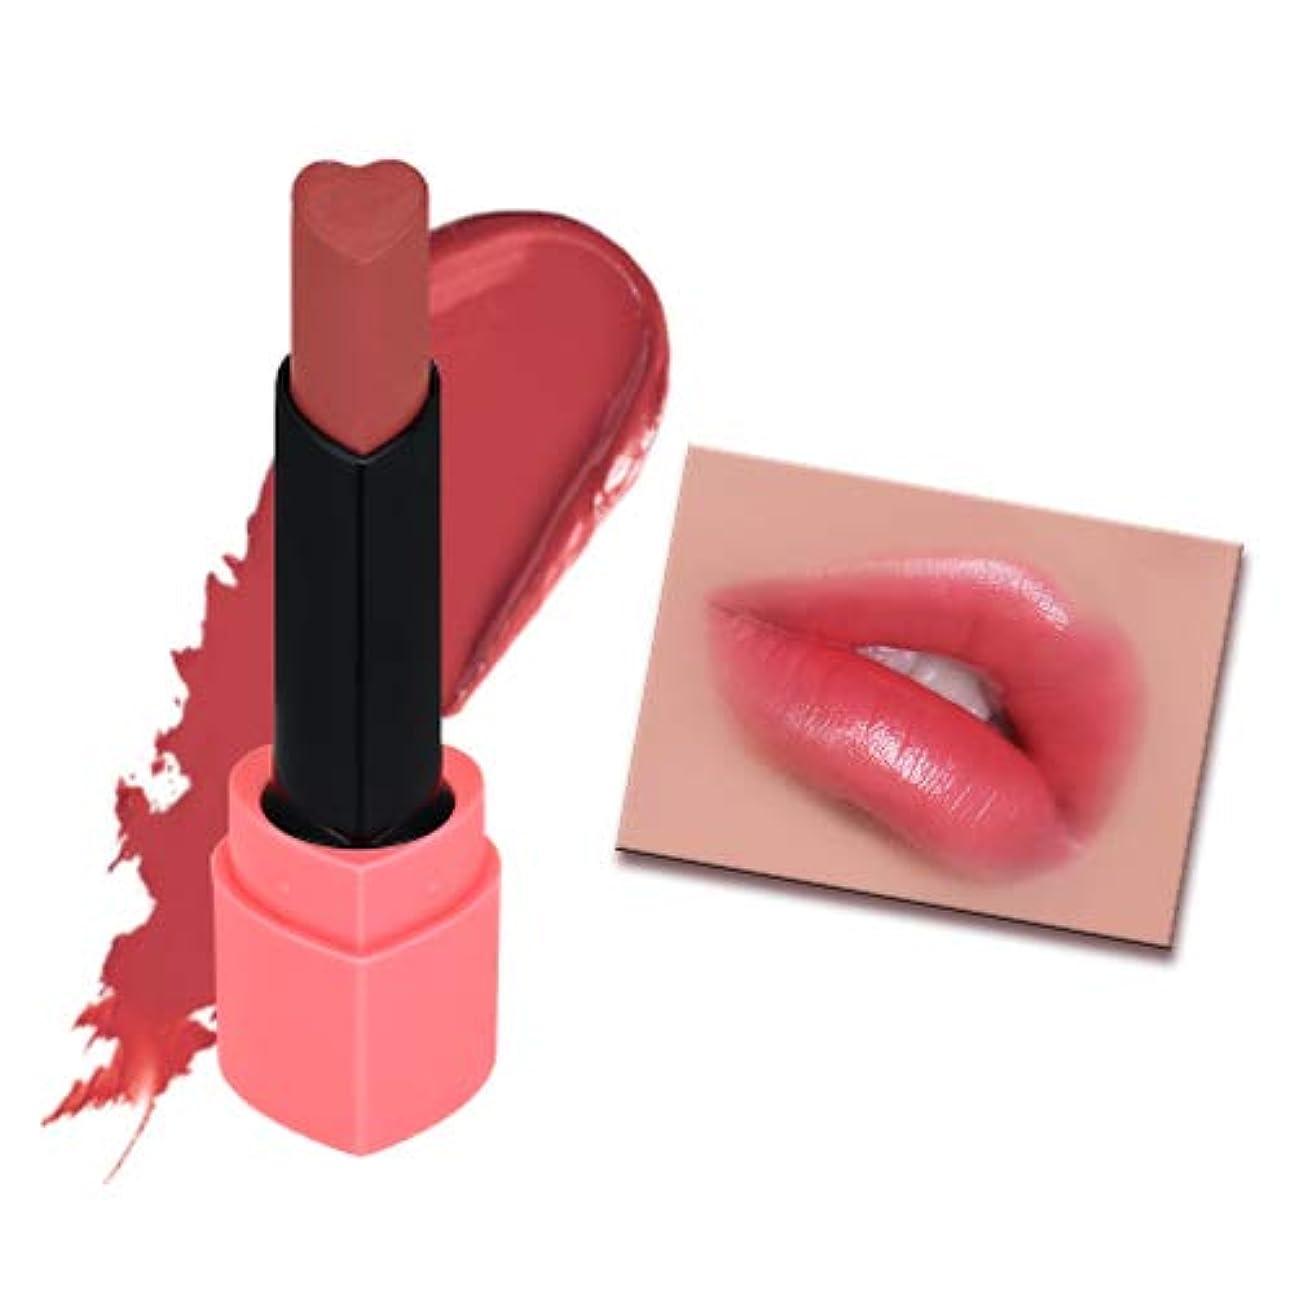 力学公然と廃止ホリカホリカ NEW!ハートクラッシュ口紅 [メルティング] / HOLIKAHOLIKA Heart Crush Melting Lipstick 1.8g (#PK04 プリムローズ) [並行輸入品]